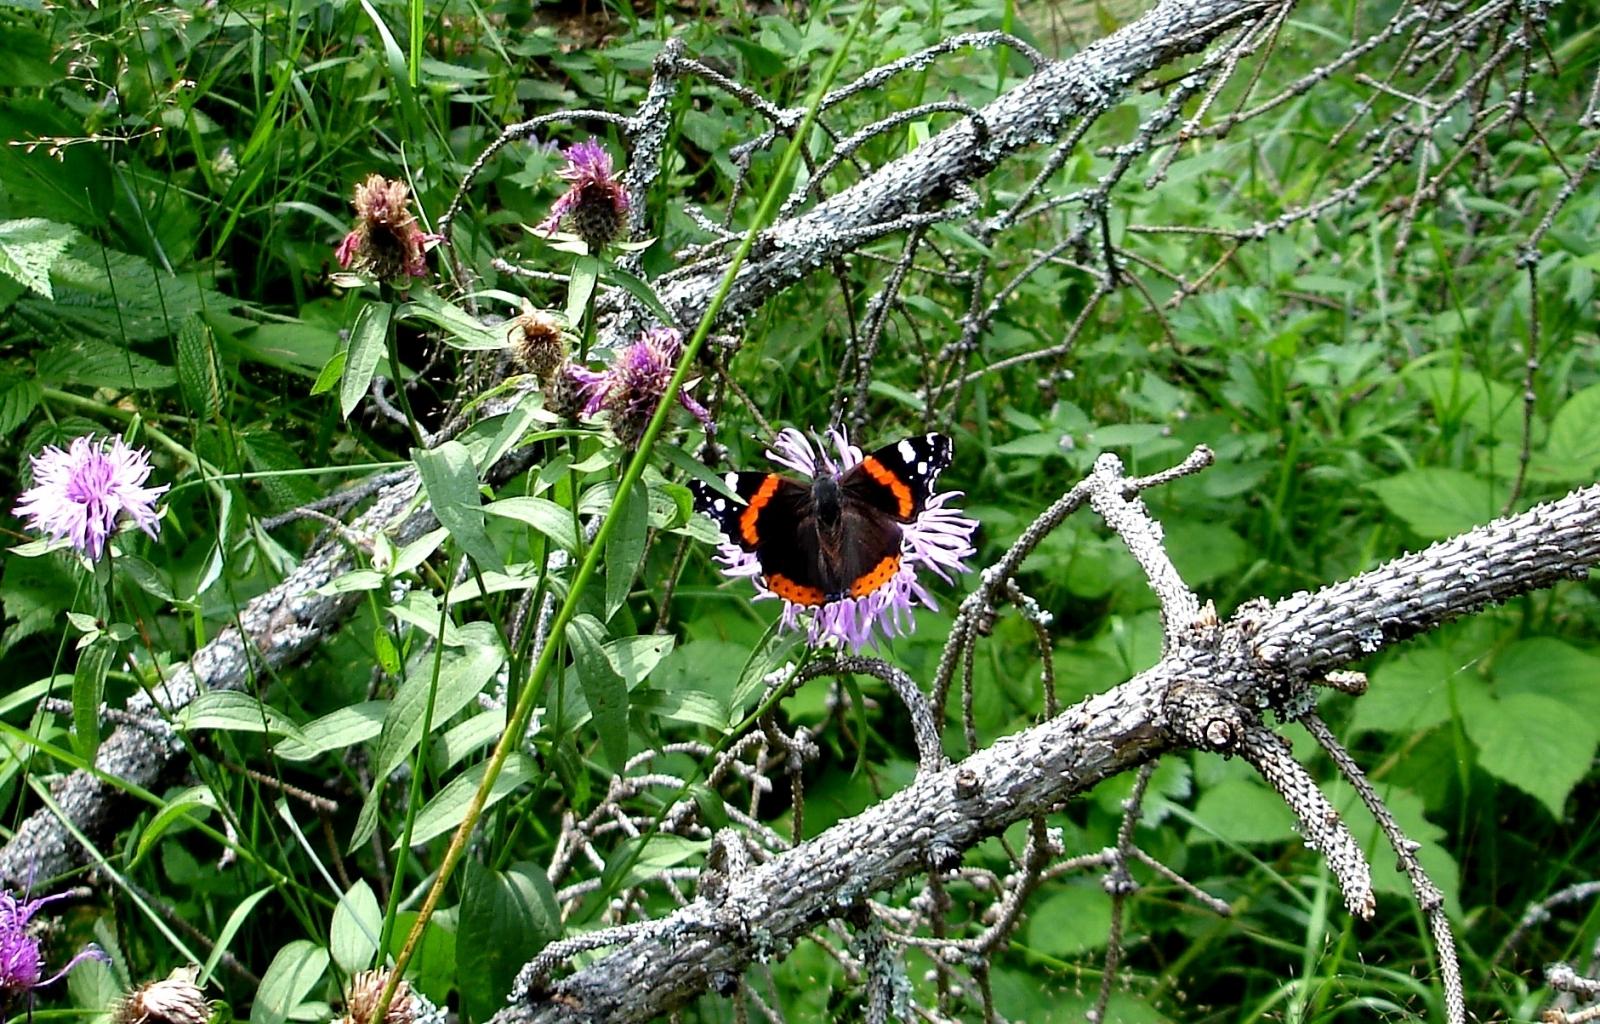 Скачать картинку Растения, Бабочки, Цветы, Насекомые в телефон бесплатно.